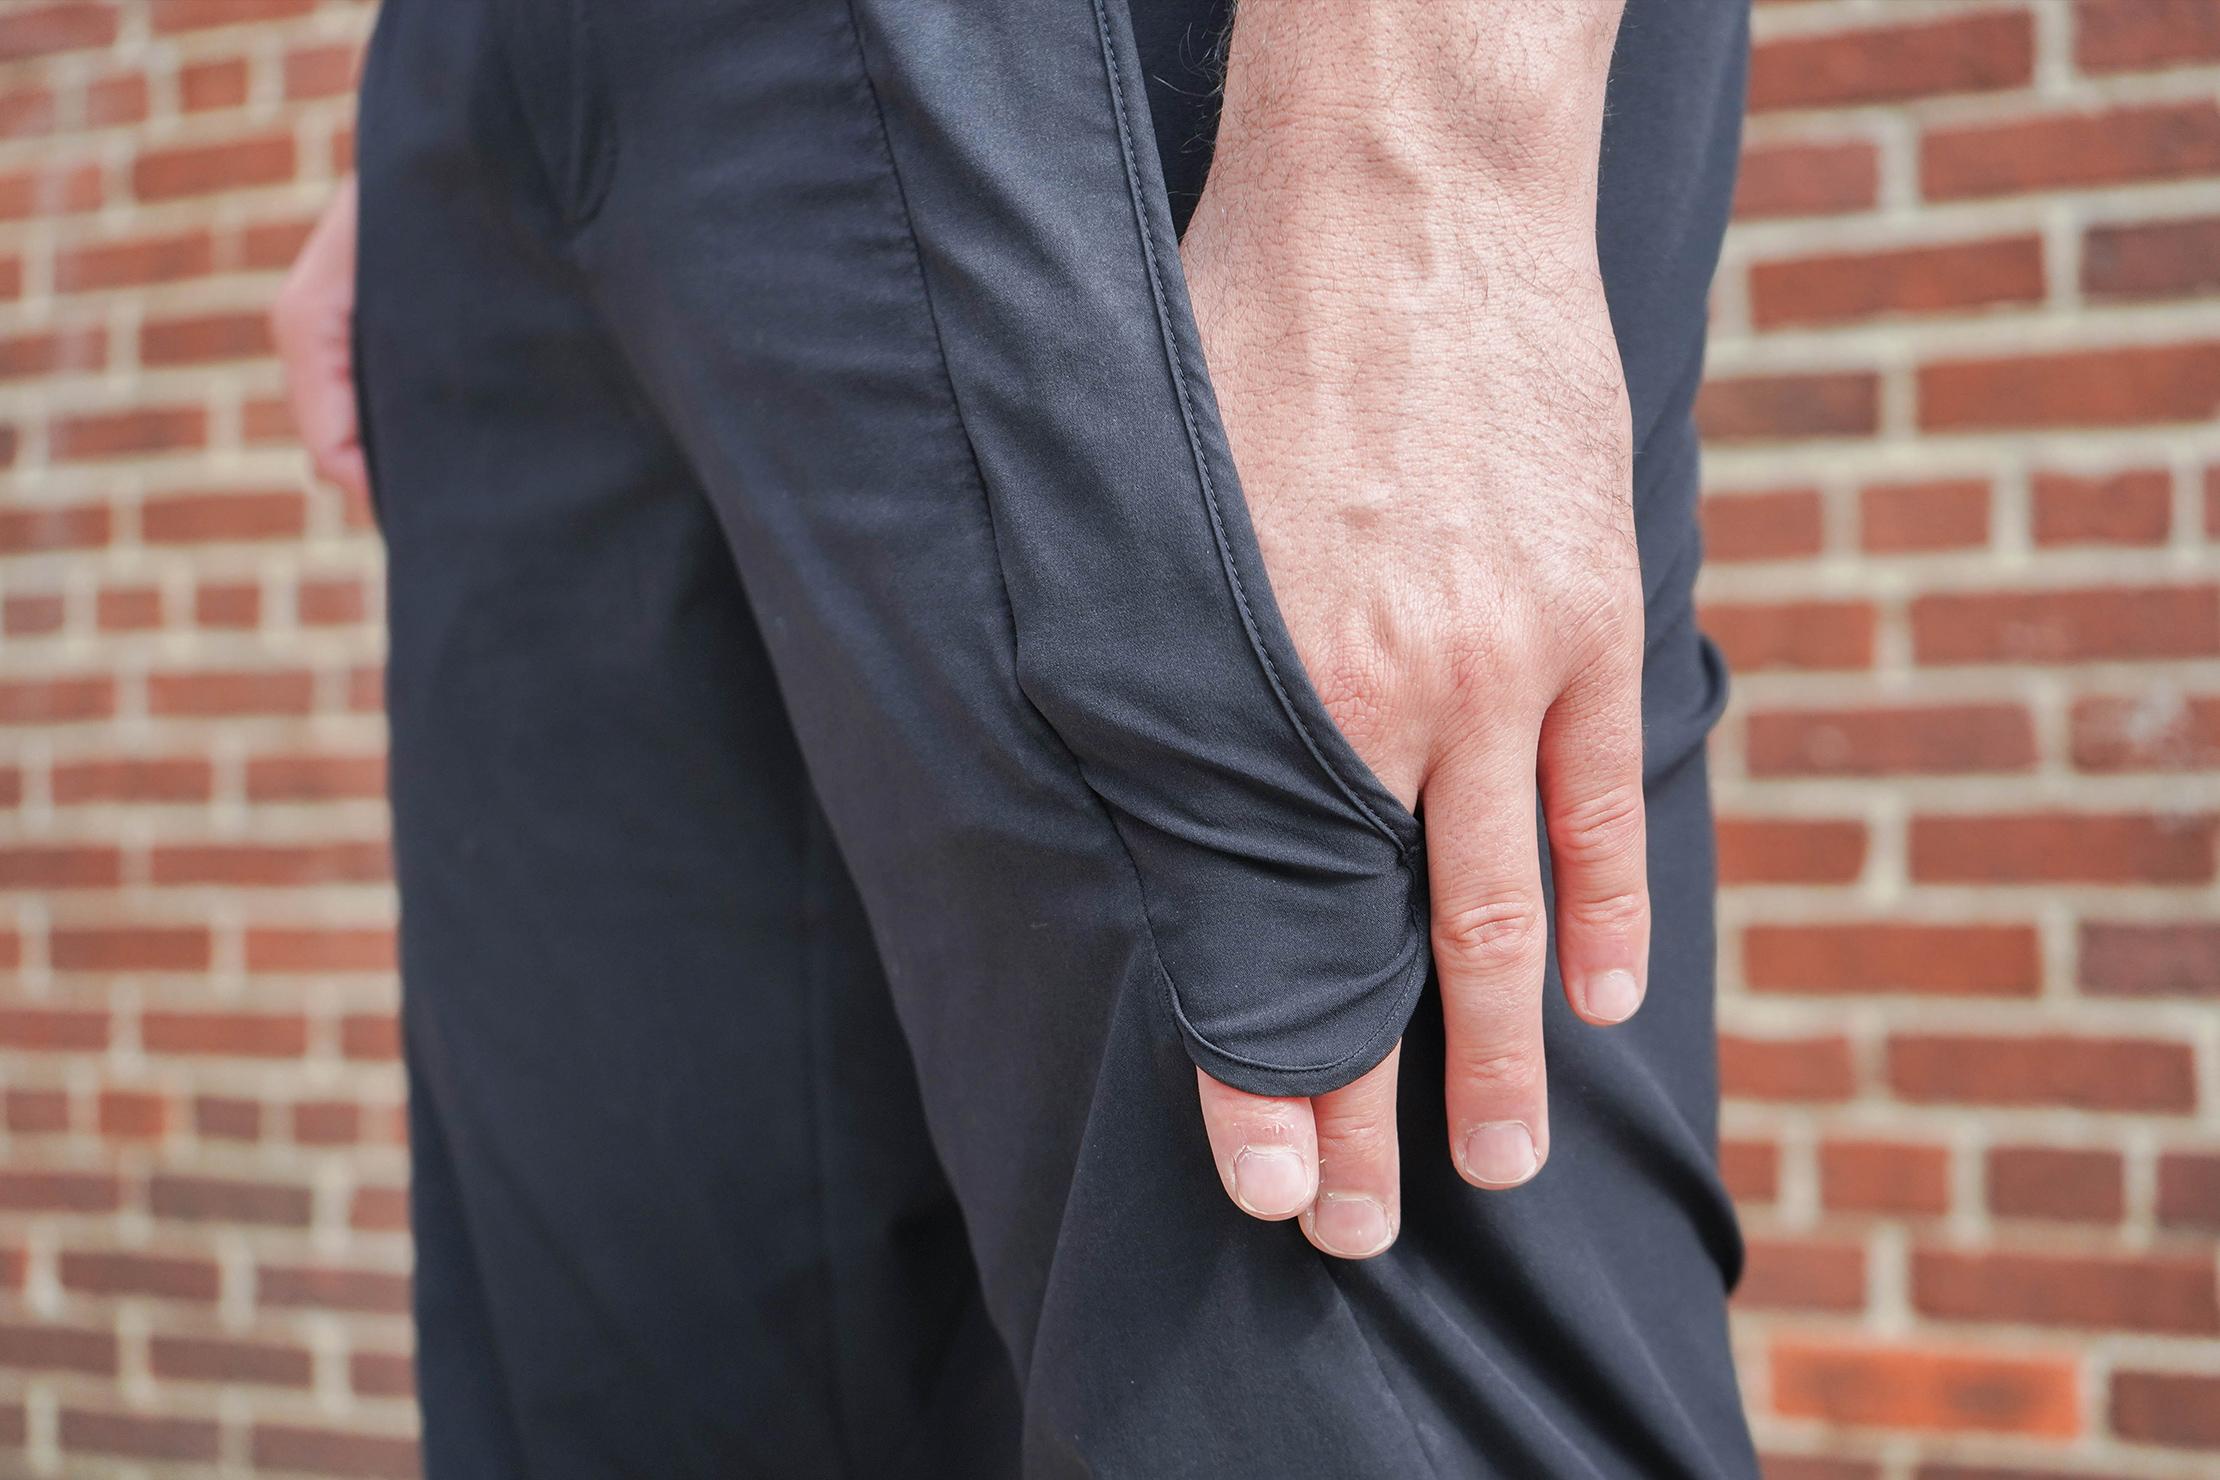 Paskho Ability Modern Traveler Pants Gap In Pocket Cover